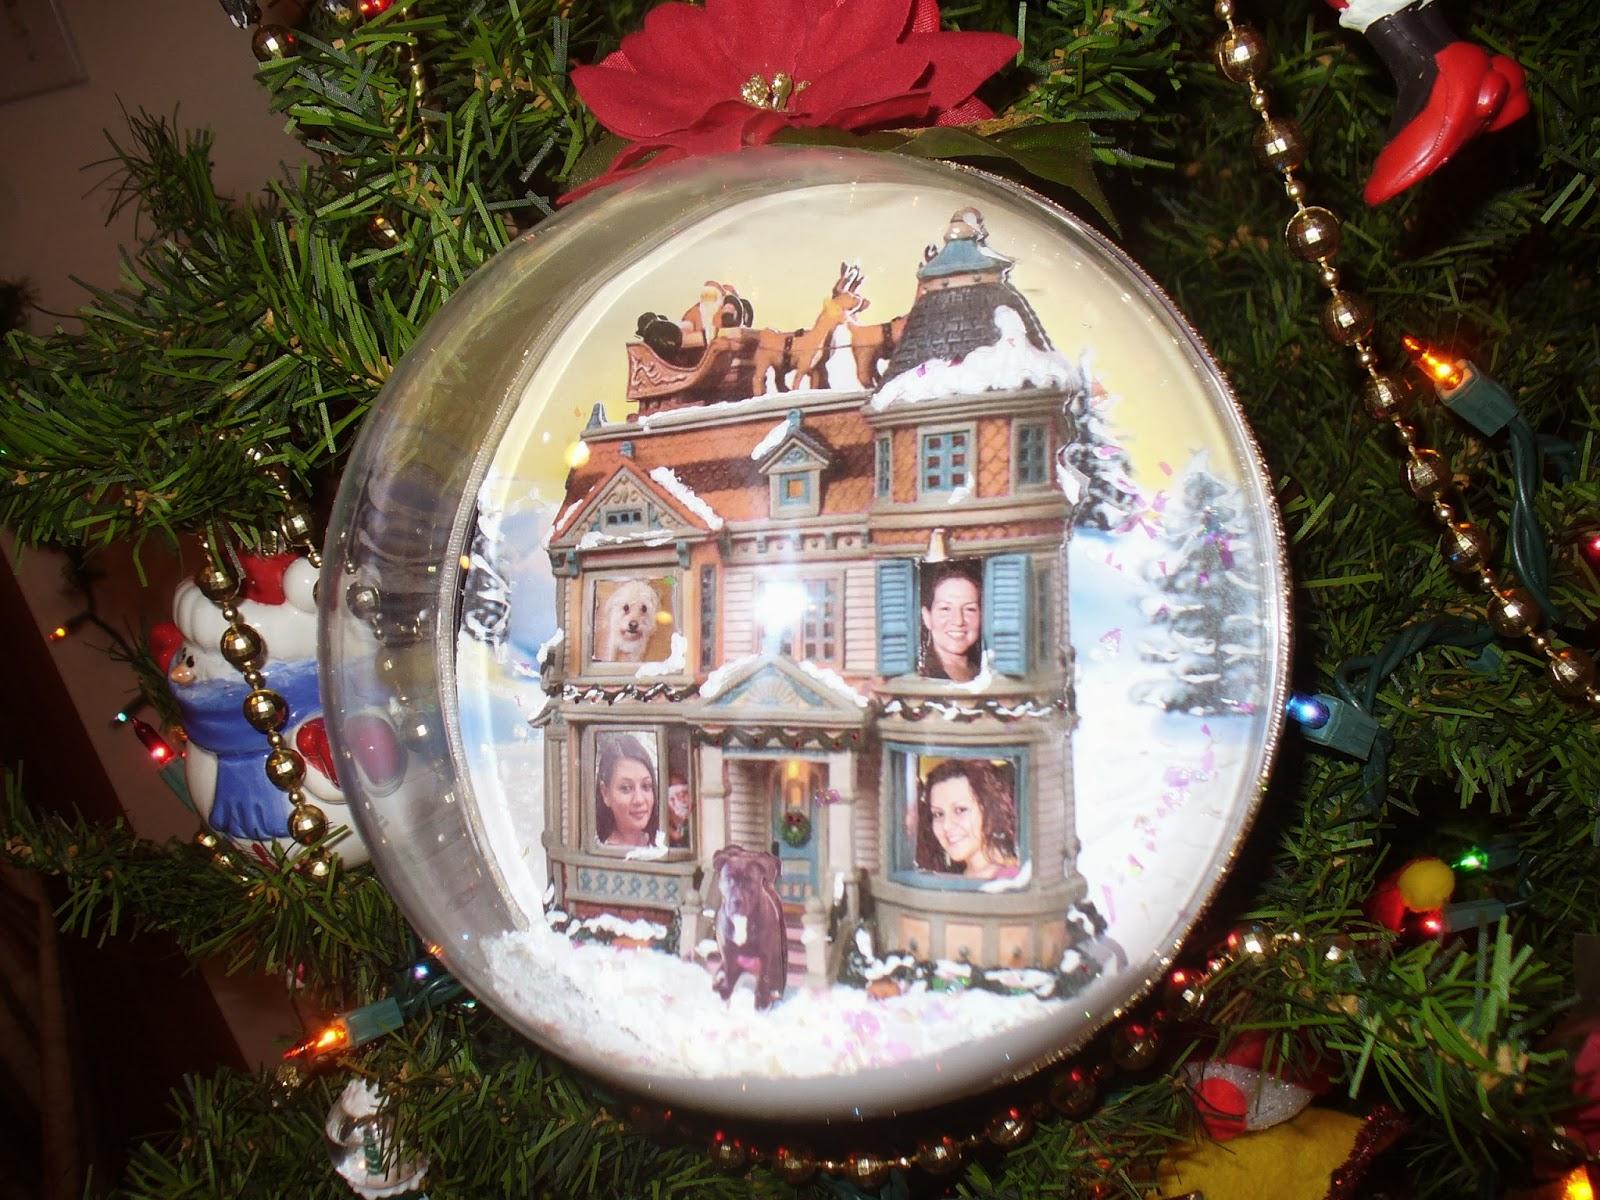 http://homefreefamilies.blogspot.com/2013/12/3d-ornaments.html